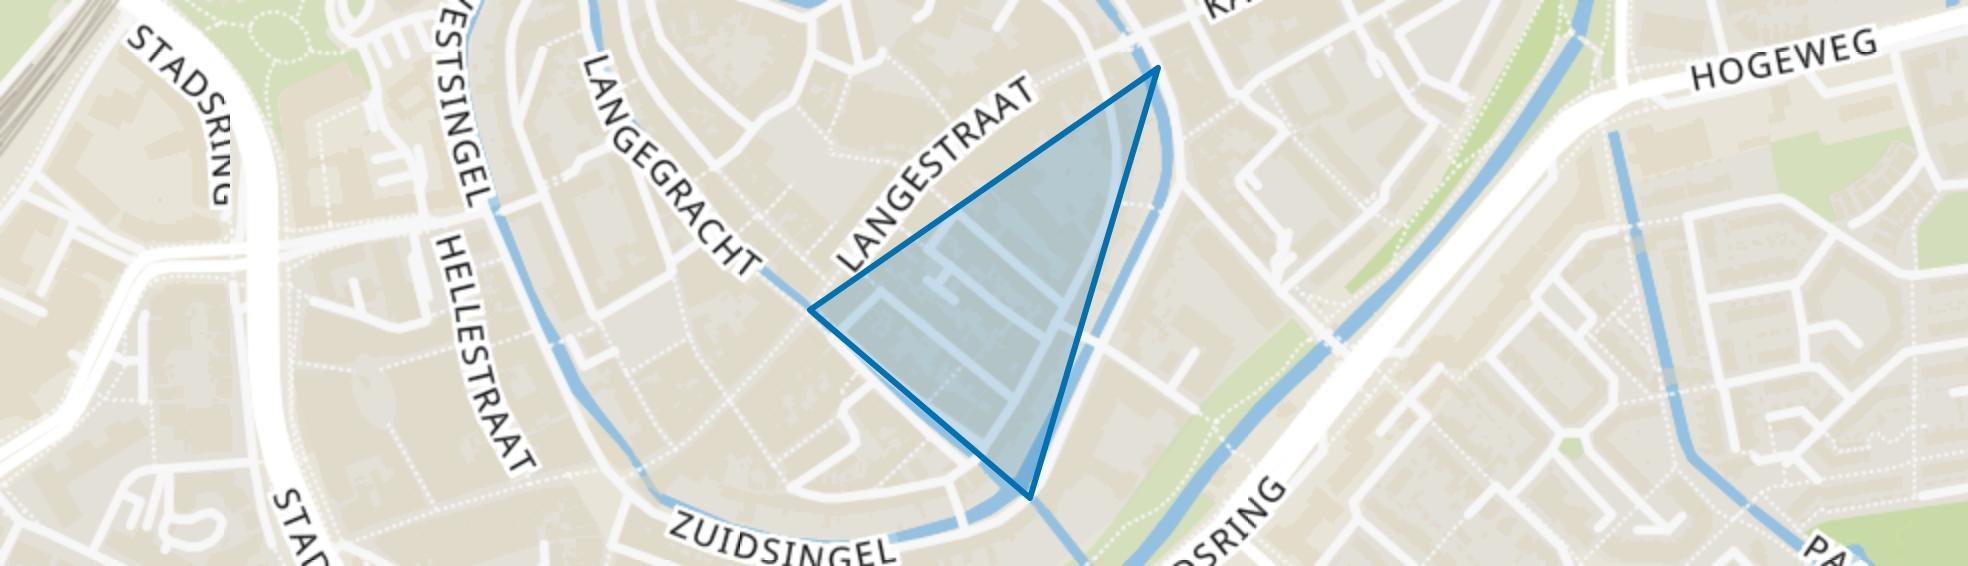 Nieuwstraat, Amersfoort map